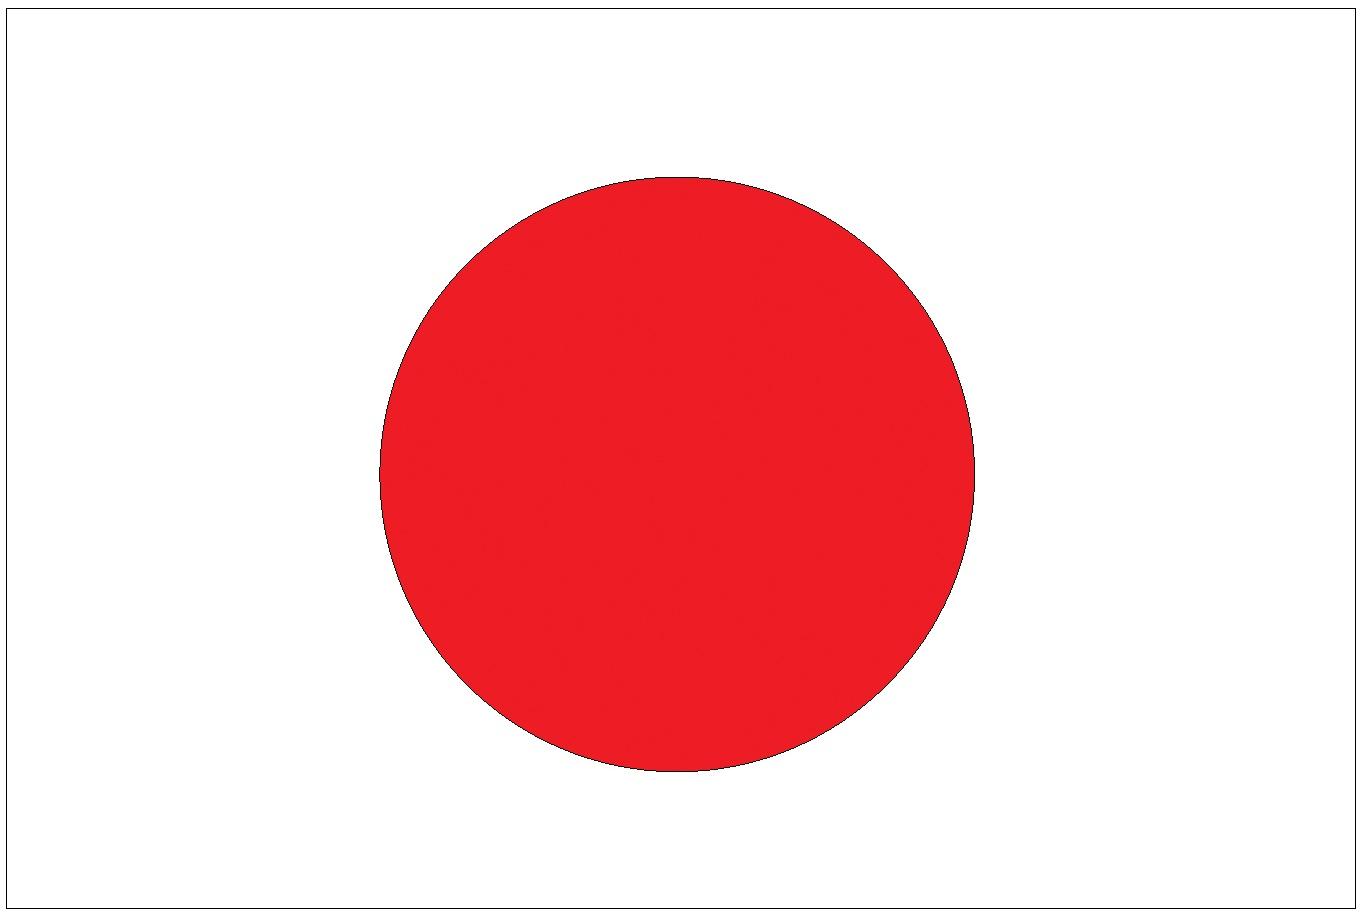 вмф японии